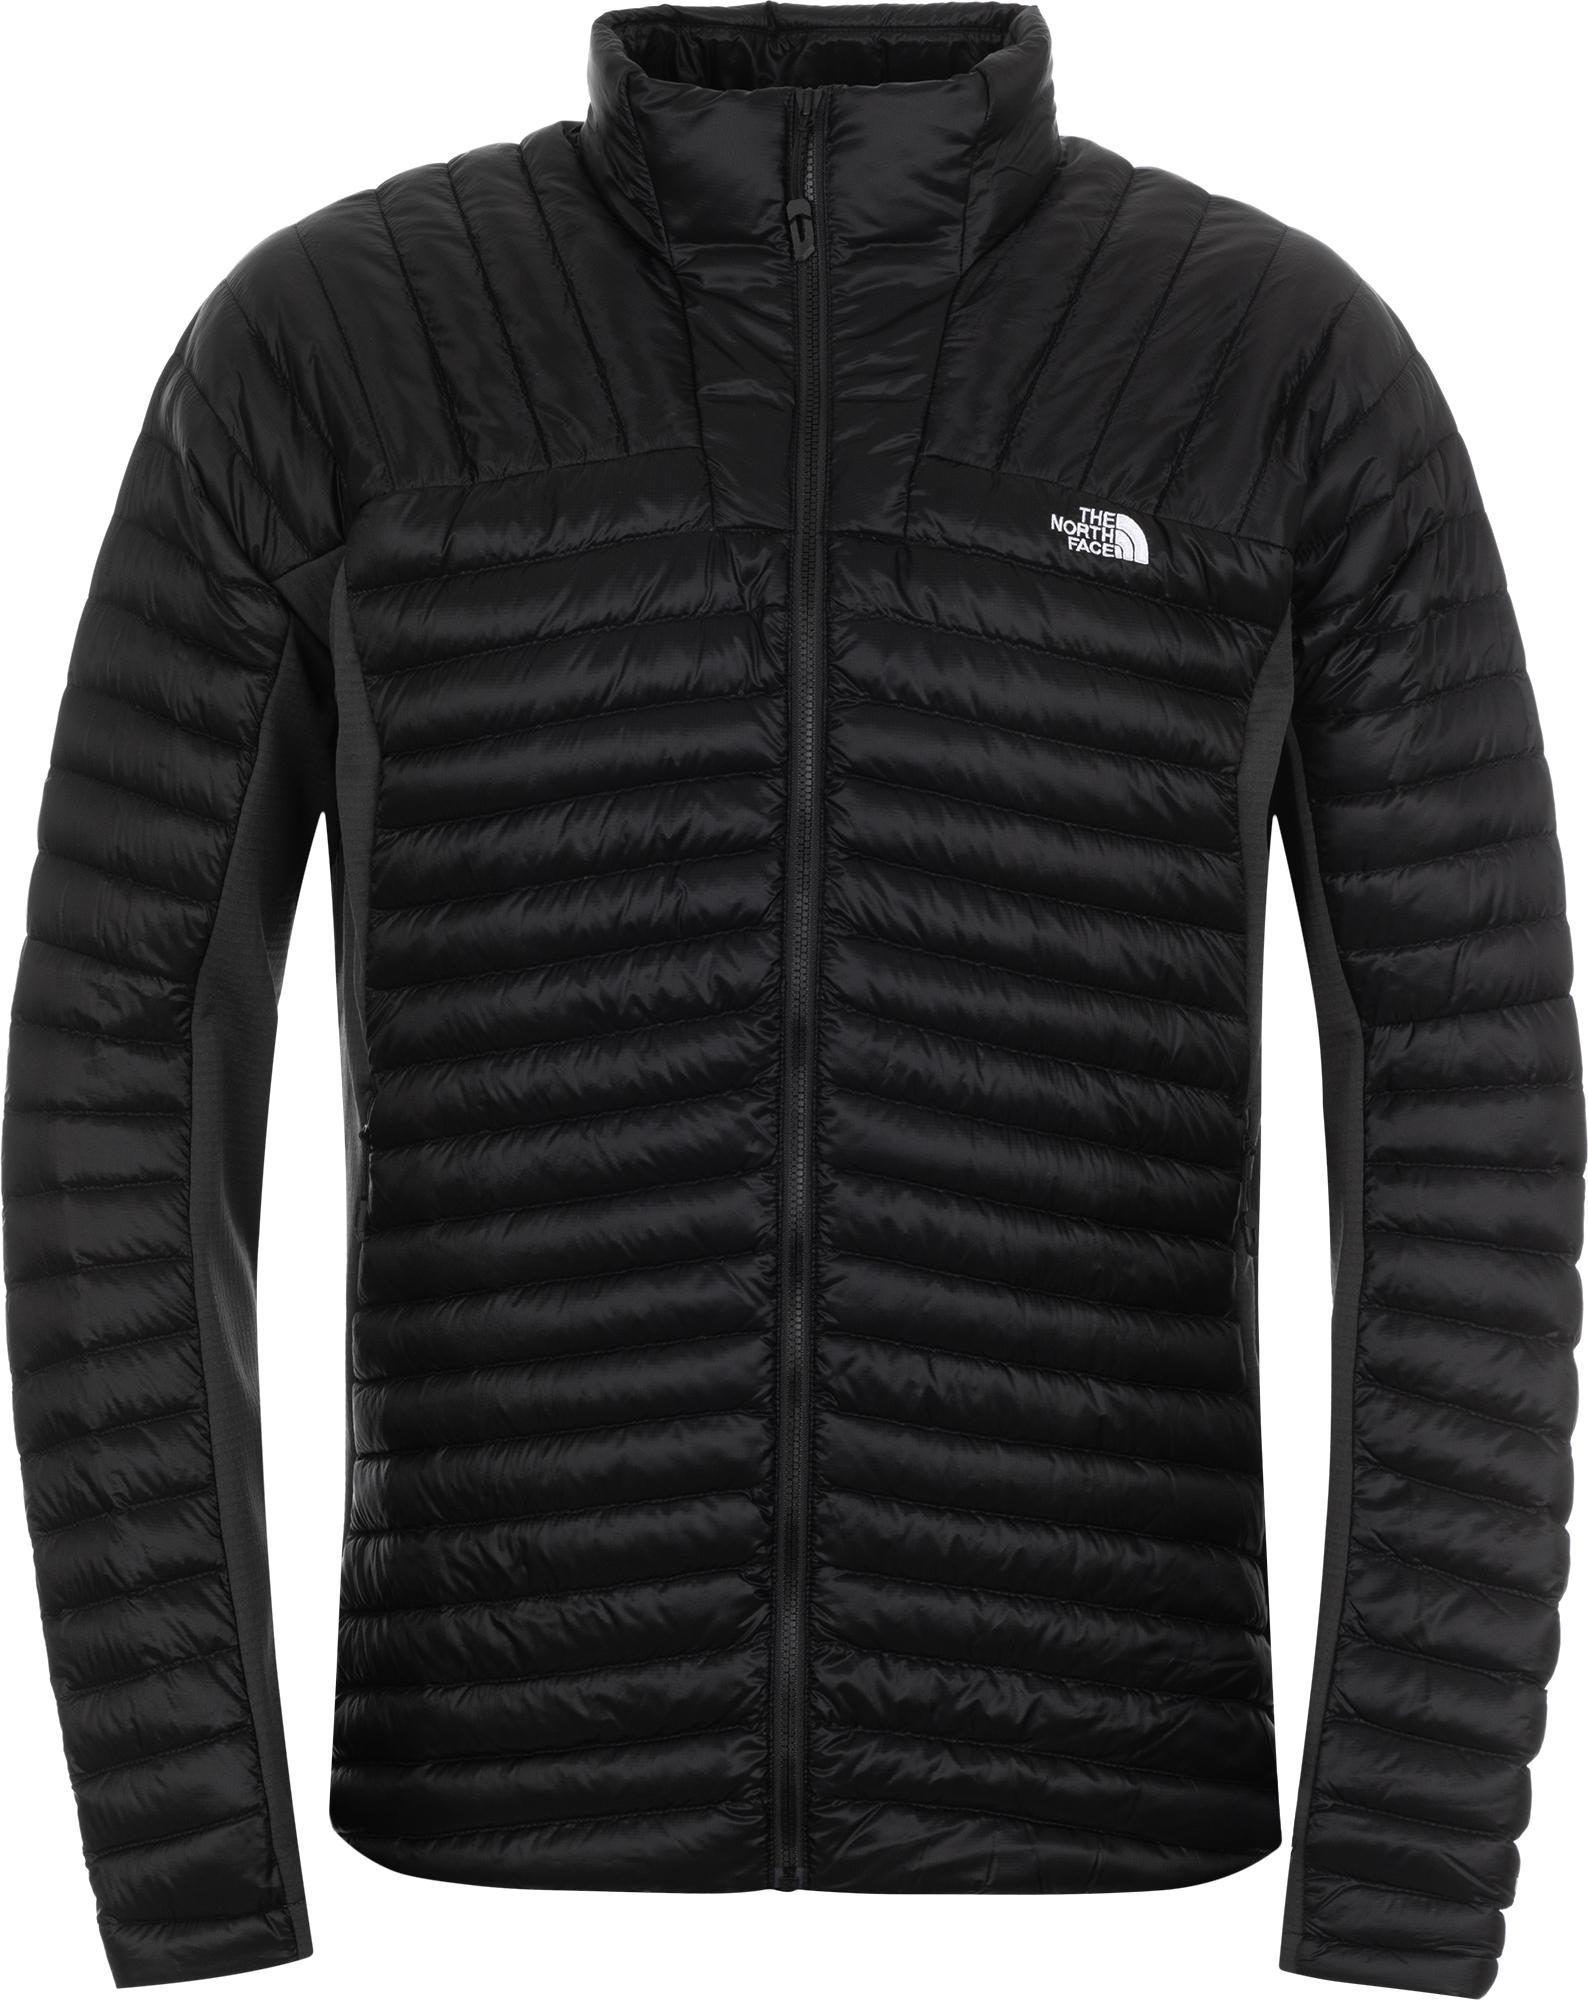 все цены на The North Face Куртка пуховая мужская The North Face Impendor Down Hybrid, размер 50 онлайн